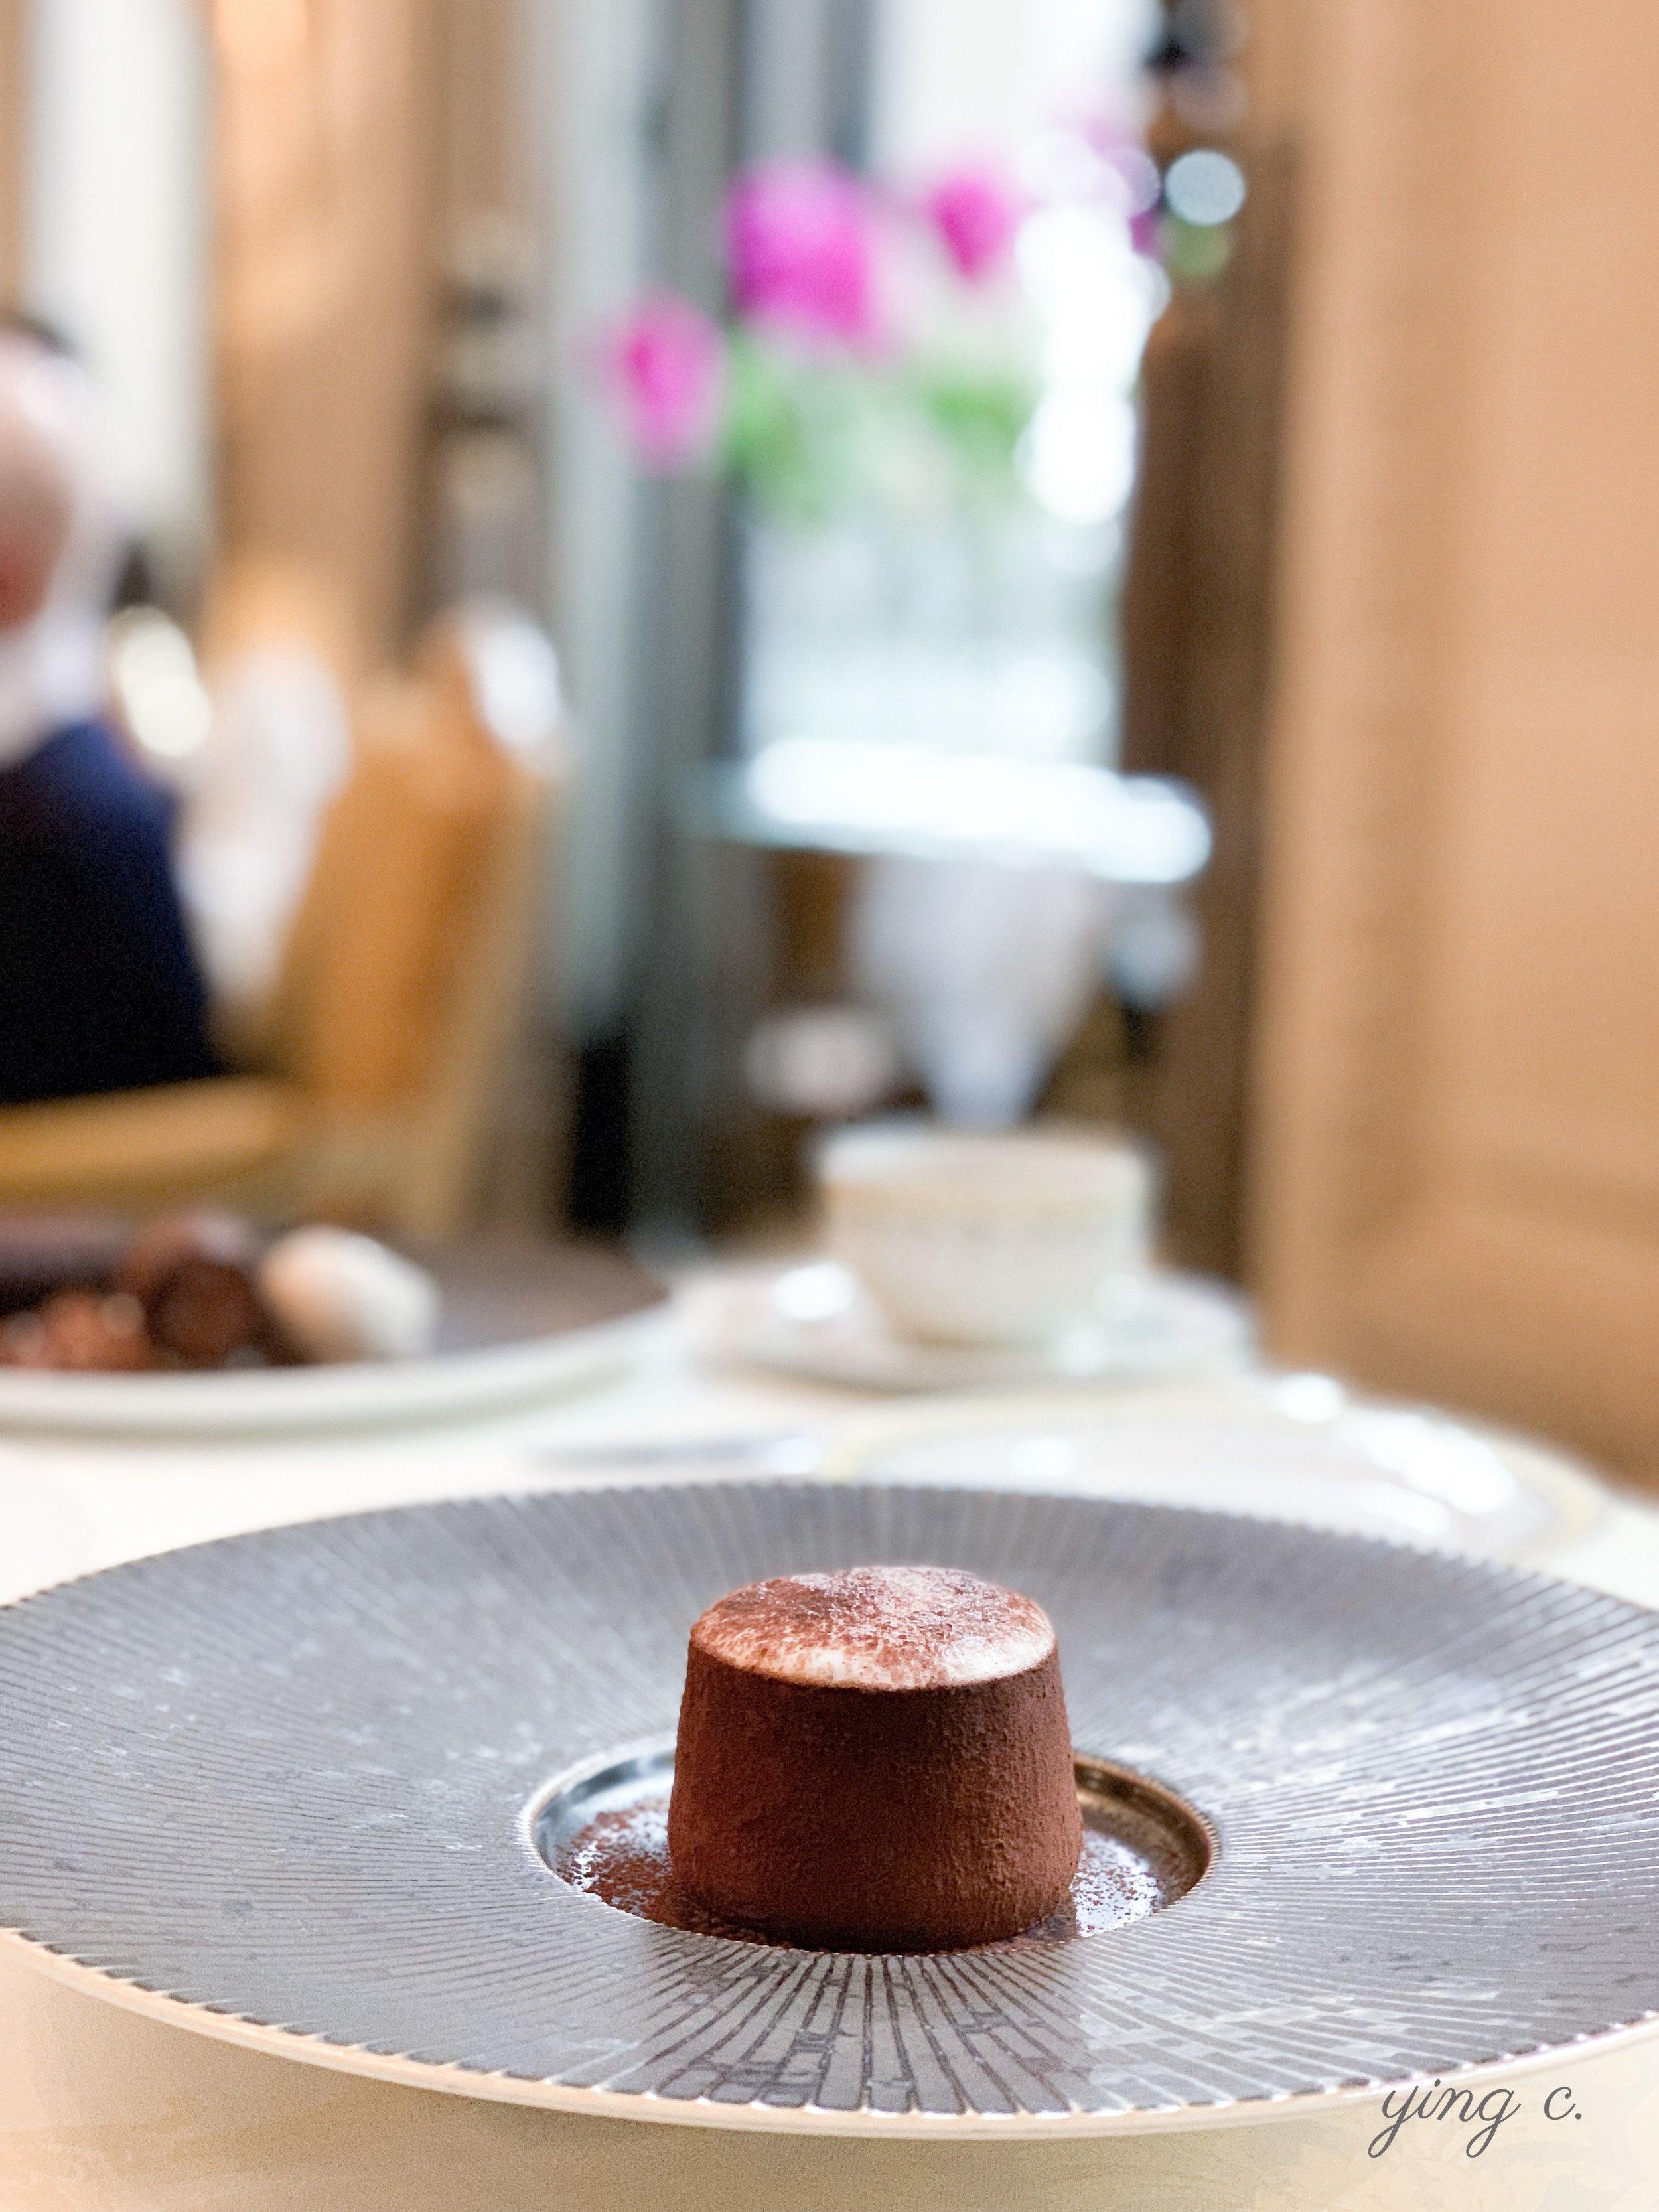 邁克斯為酒店內一星義式餐廳「喬治」(  Le George  )設計的「提拉米蘇」(Tiramisu)。外型精緻、內藏豐富。